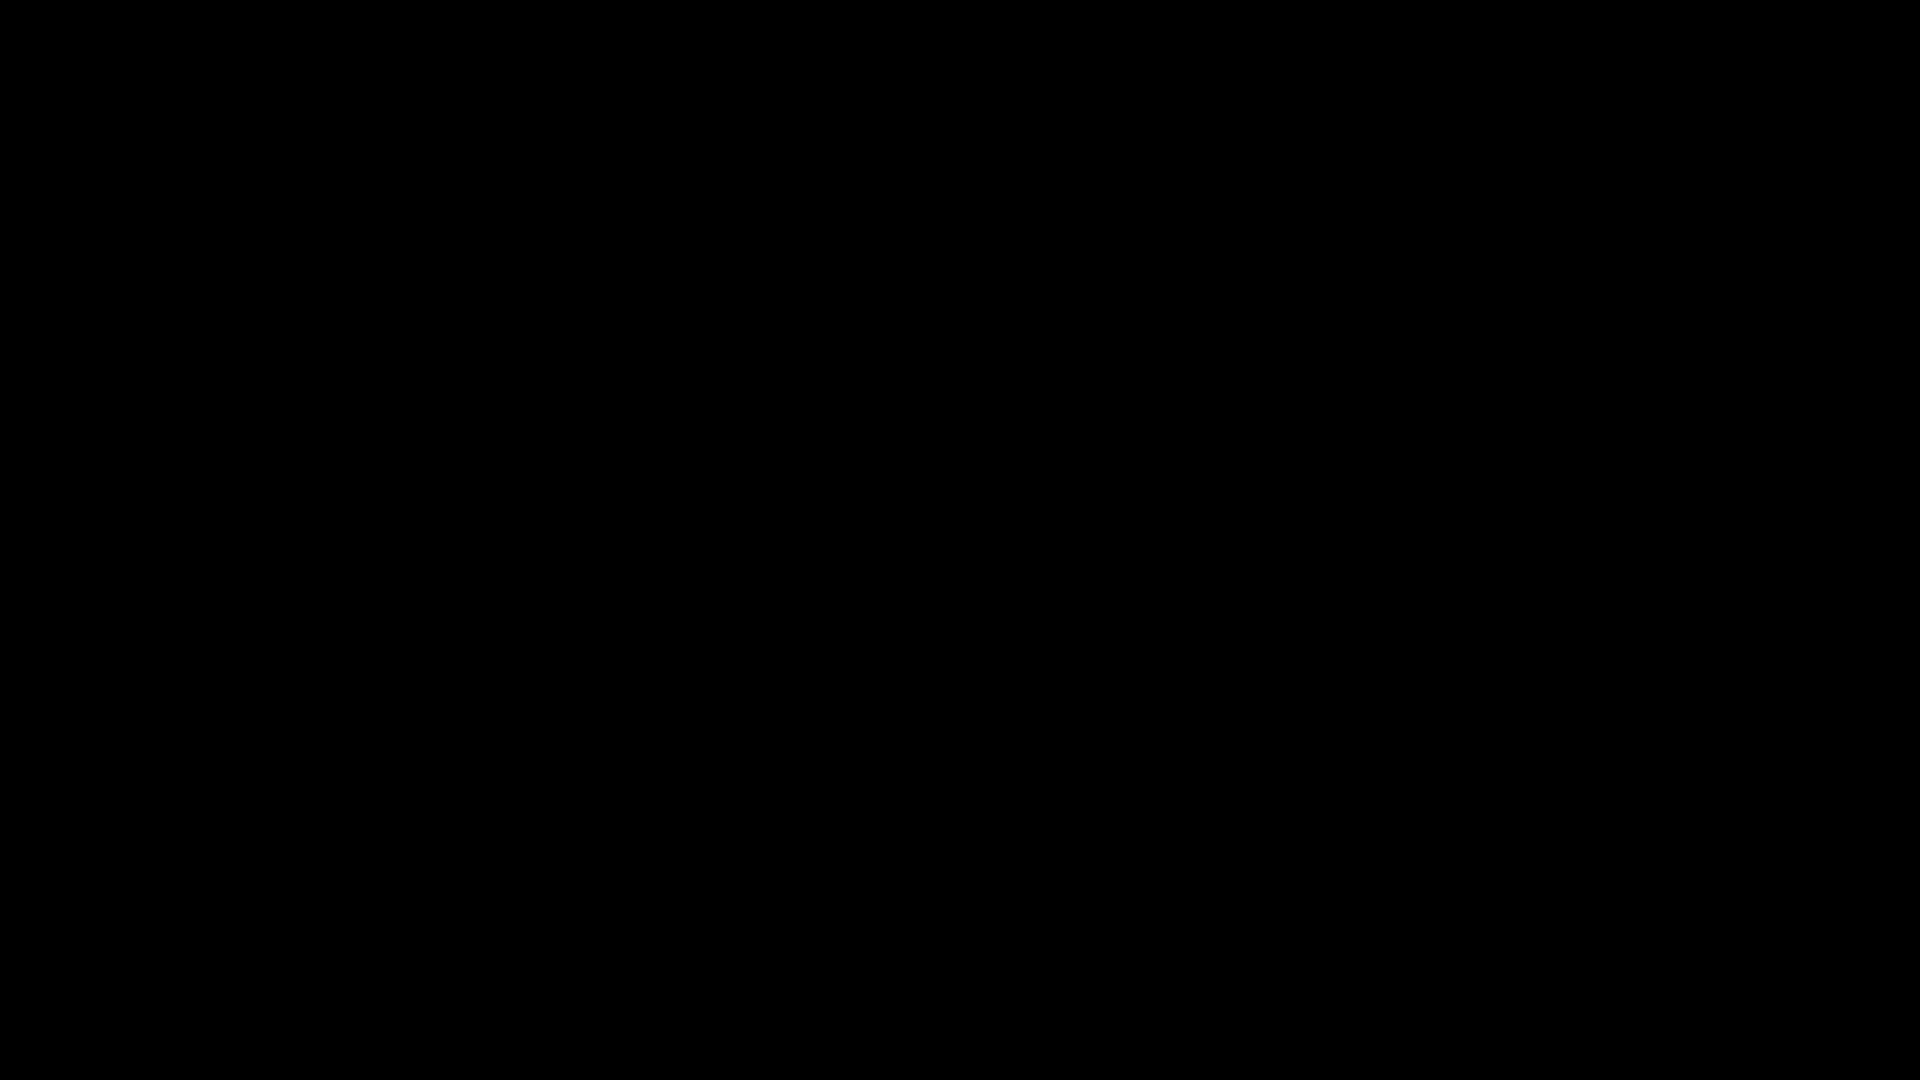 ぎゃんかわ男子のはれんちオナニー vol.09 オナニー アダルトビデオ画像キャプチャ 49pic 15